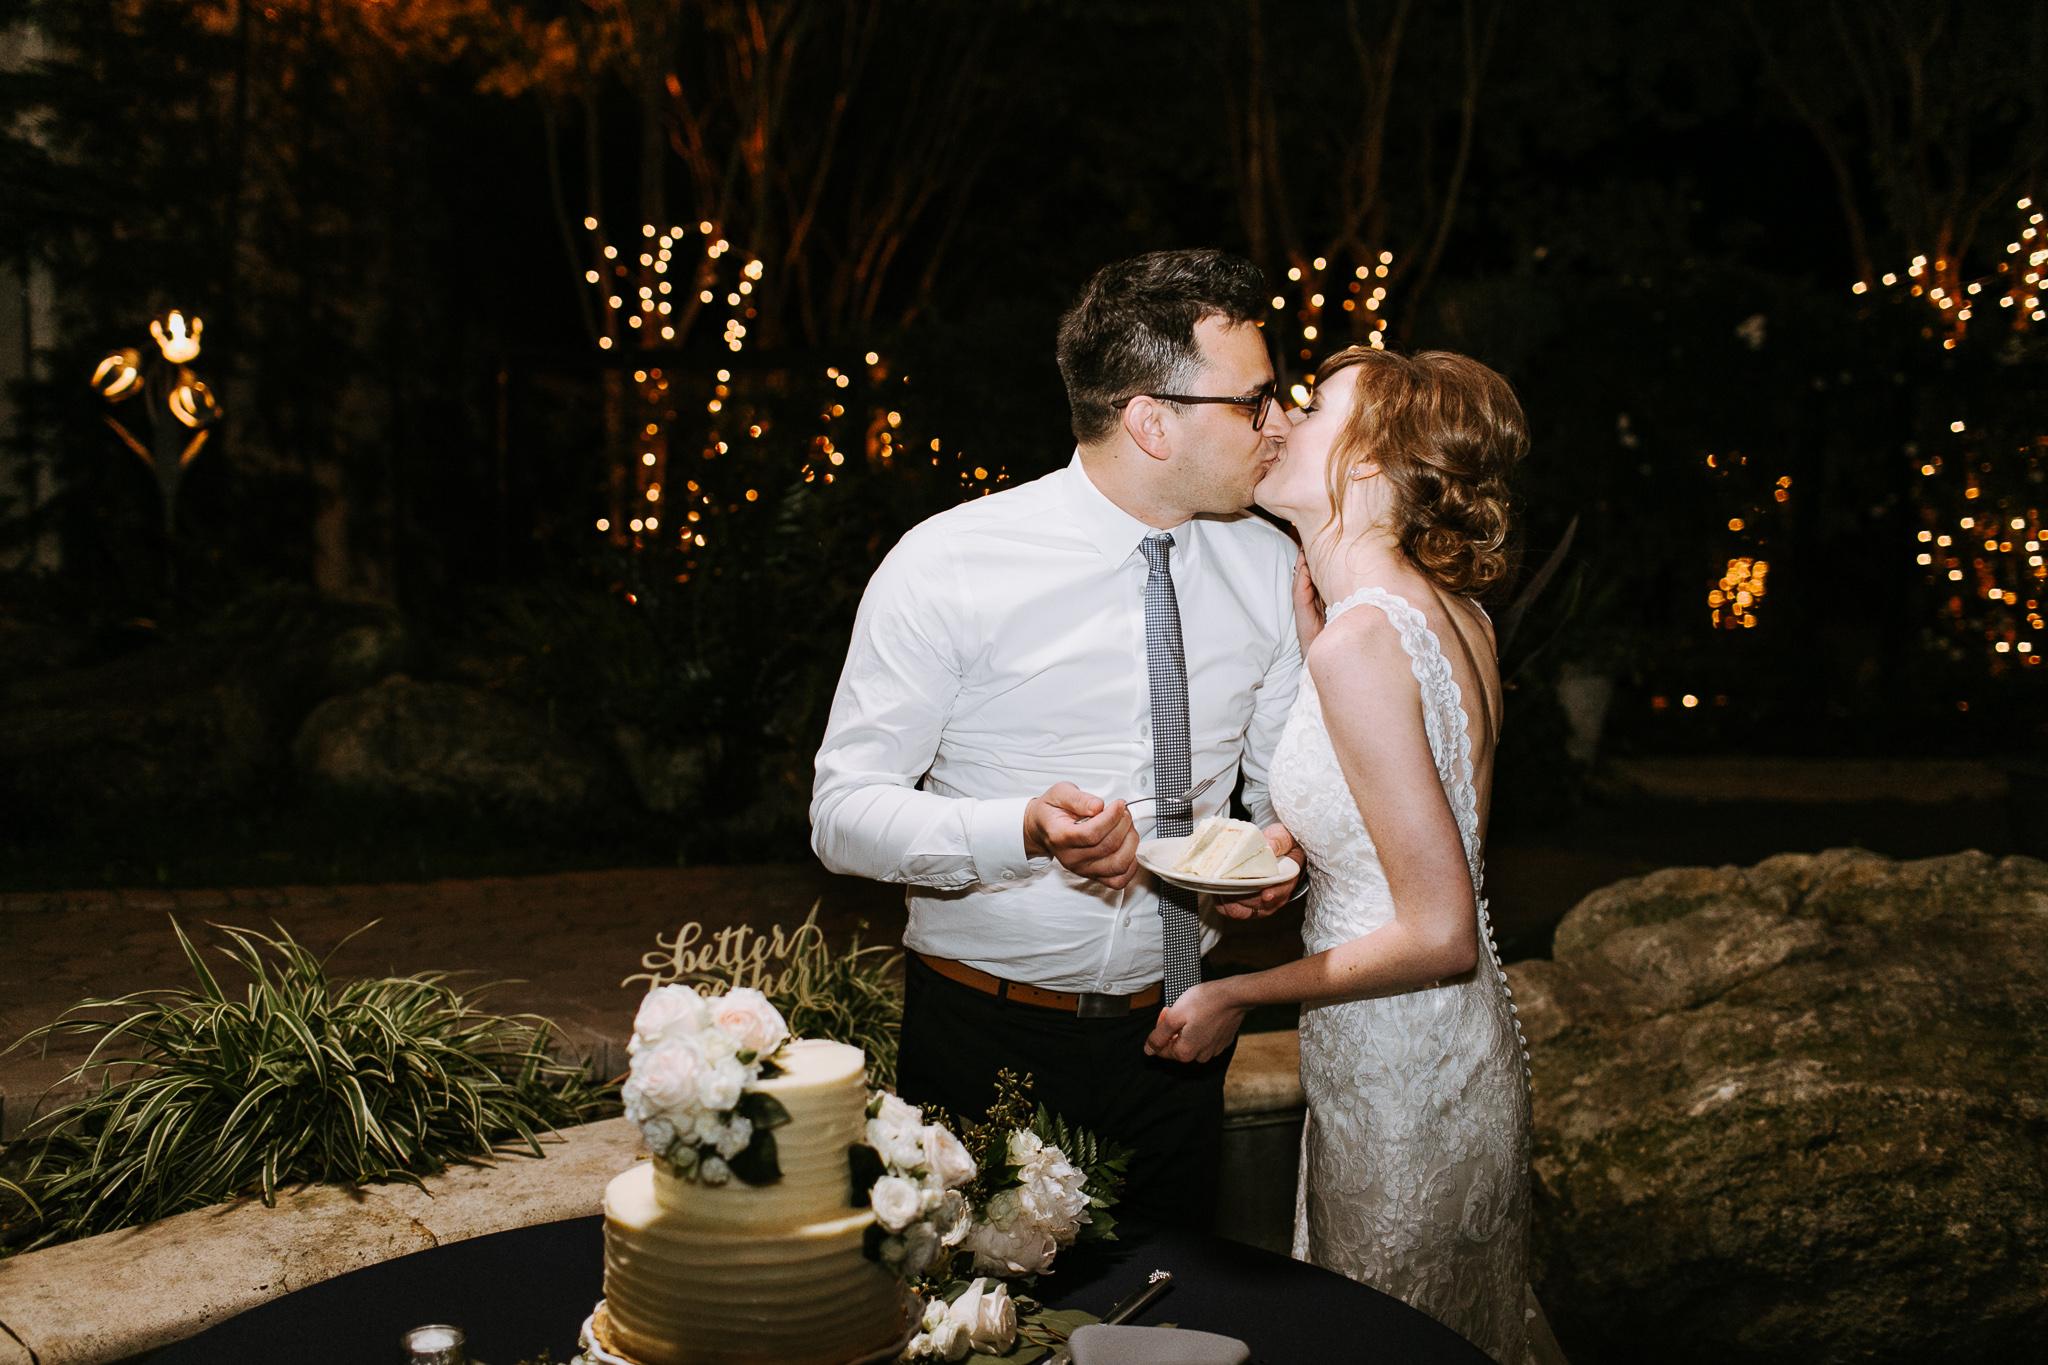 BayArea-Wedding-Photographer-62.jpg